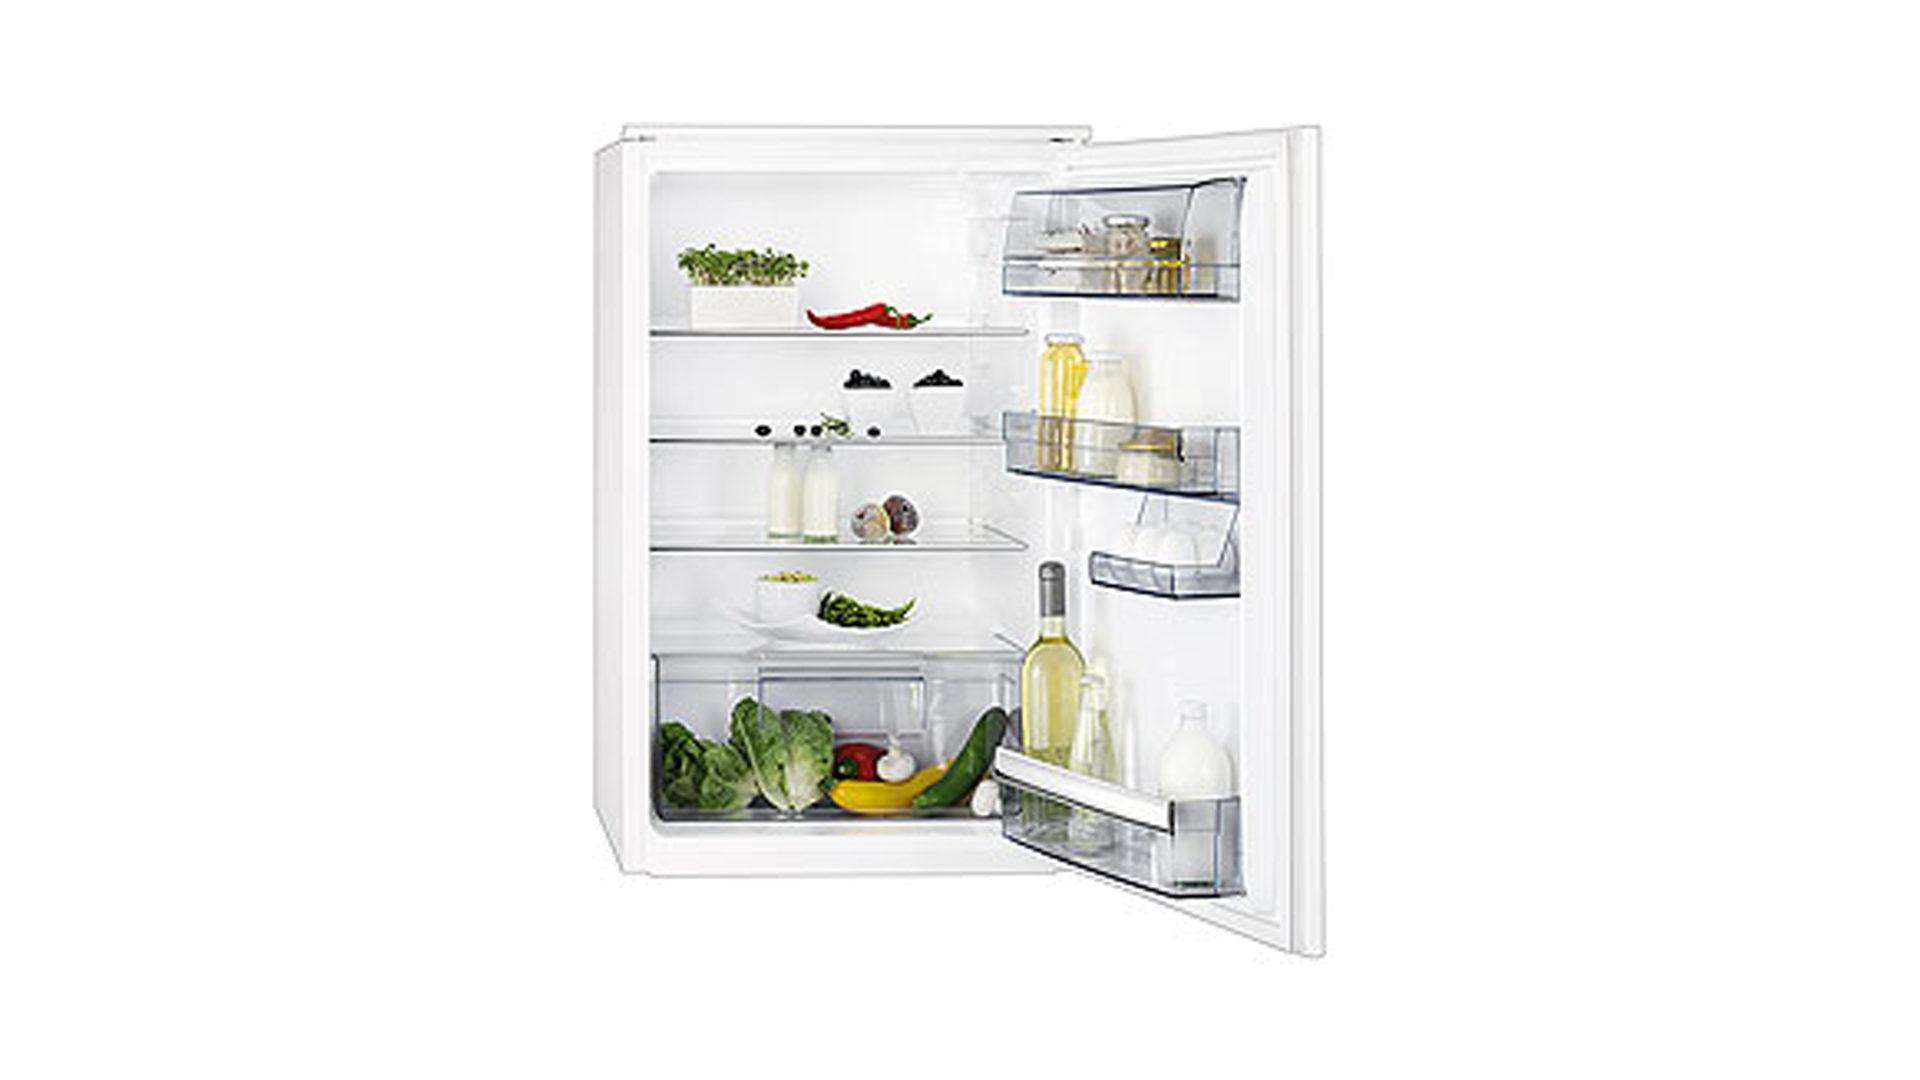 Aeg Kühlschrank Retro : Aeg kühlschrank sd124s2 mit gefrierfach nutzinhalt ca. 187 liter